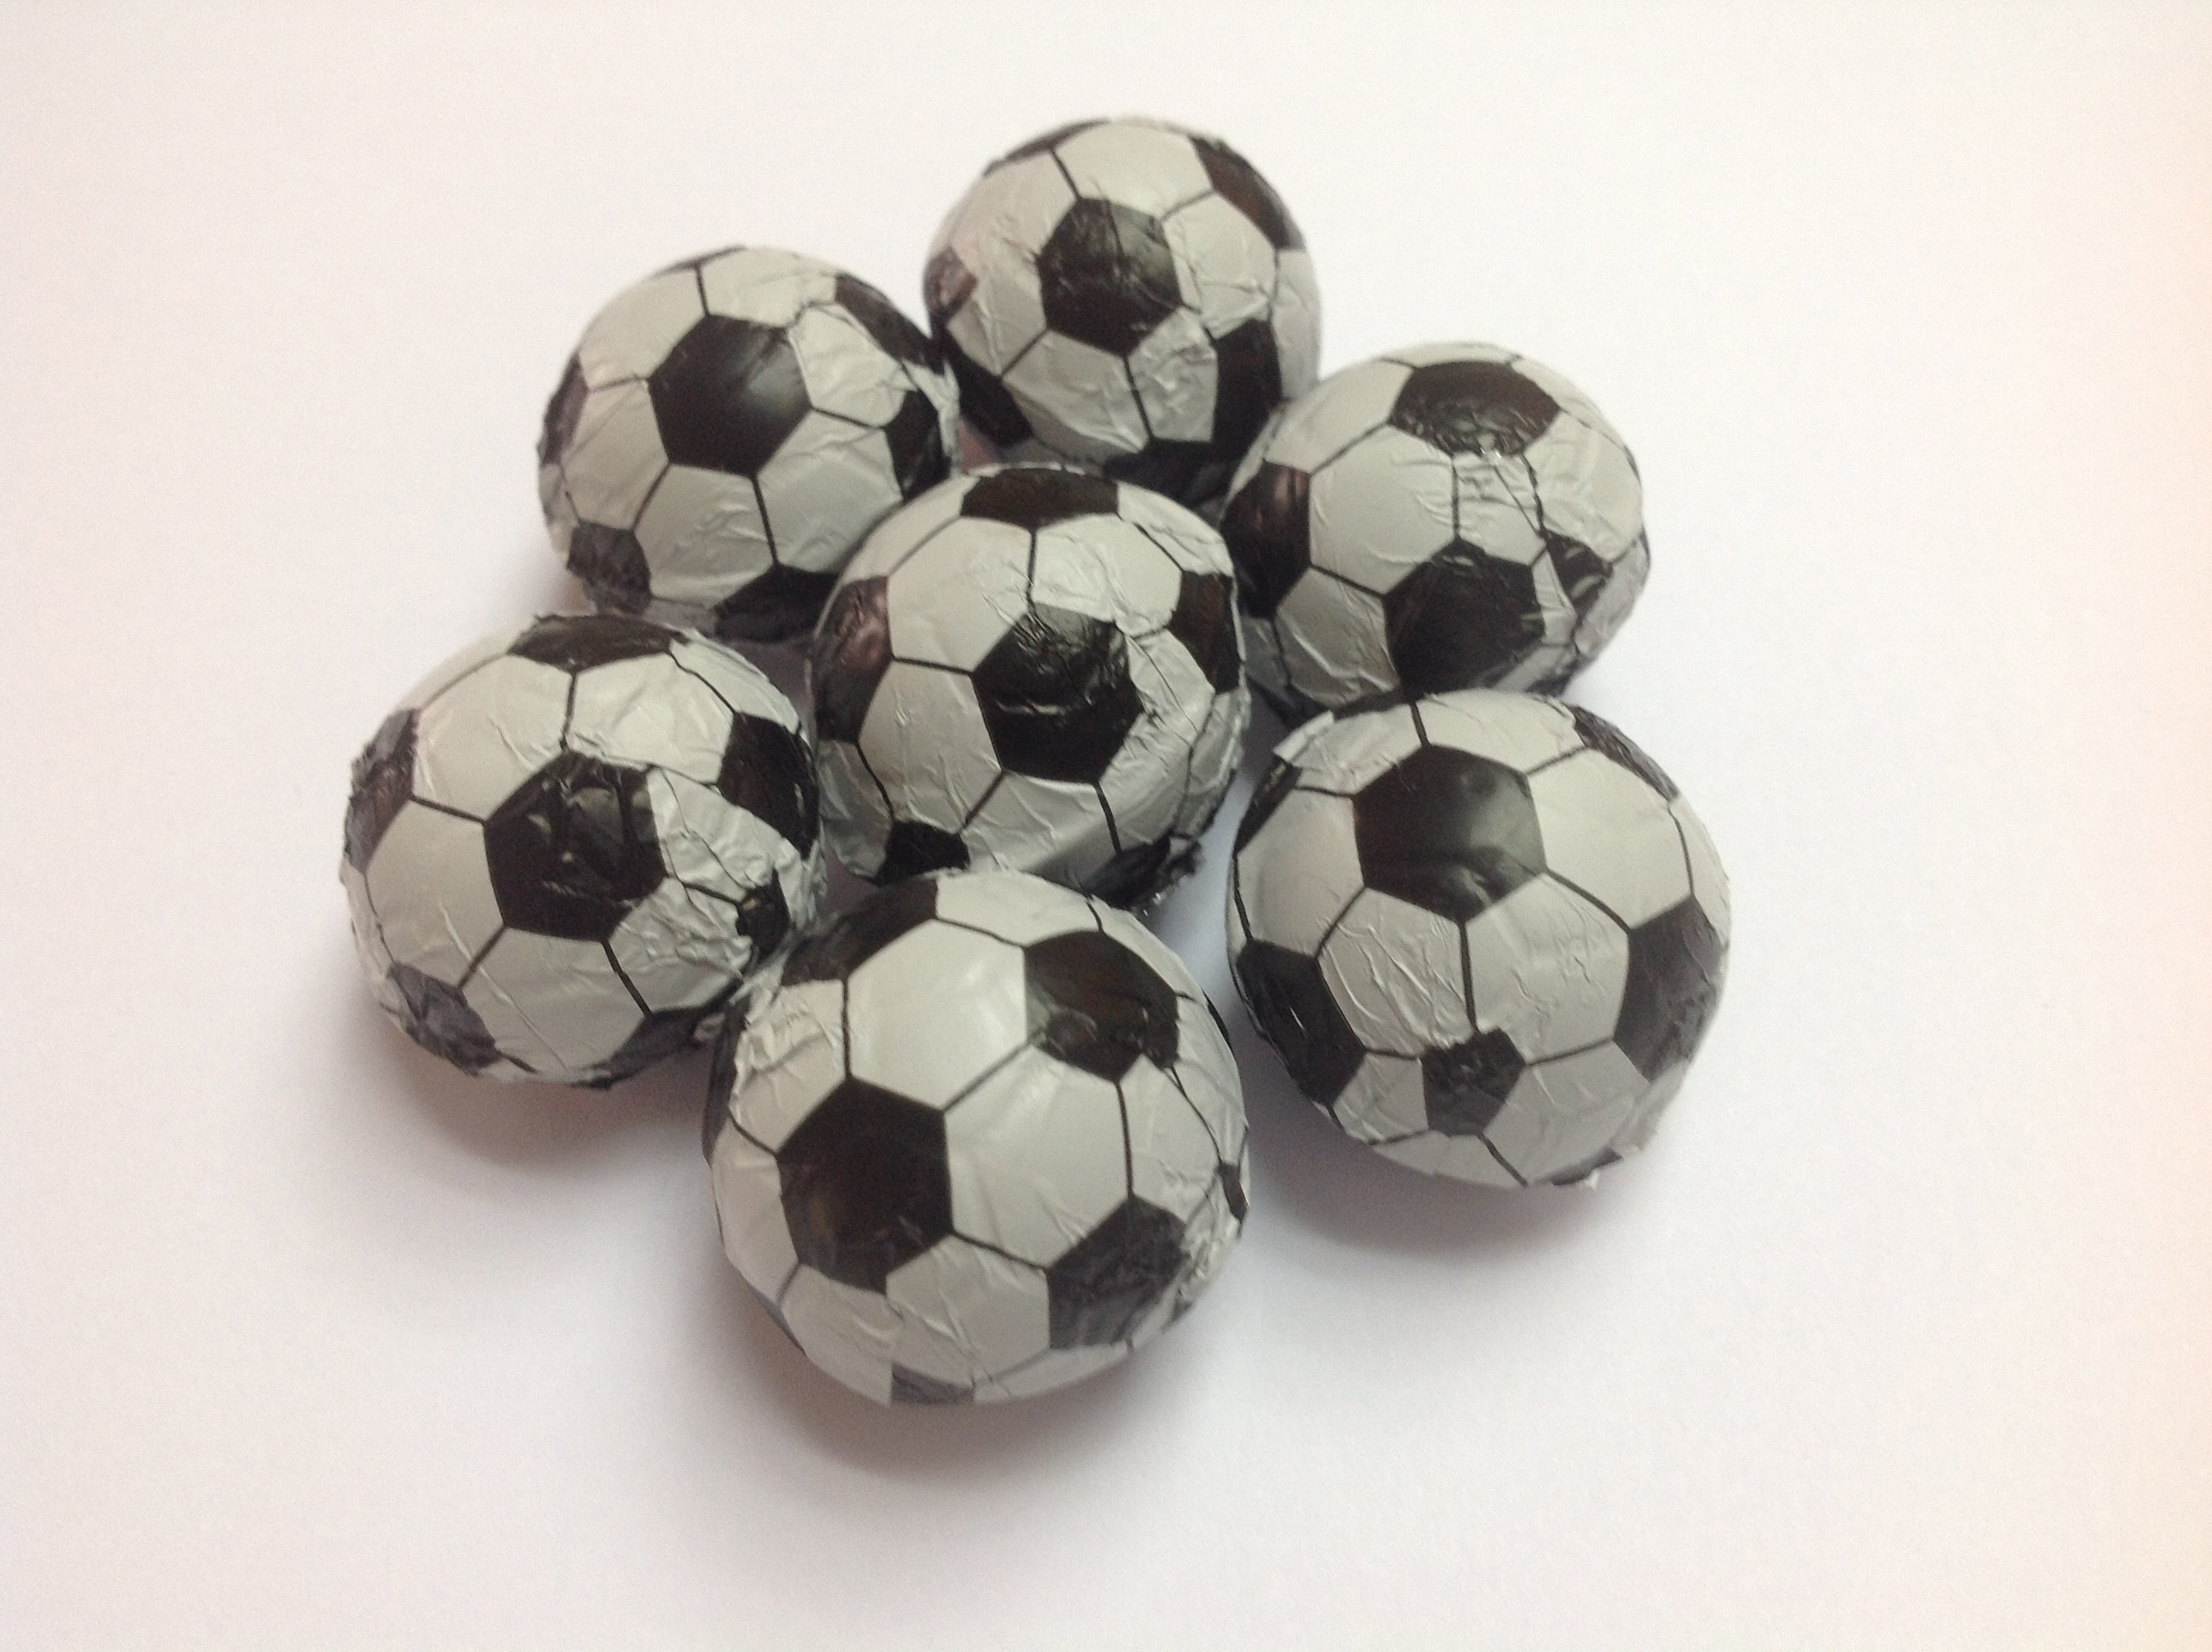 cea2a58f0 Bola de futebol em Chocolate no Elo7